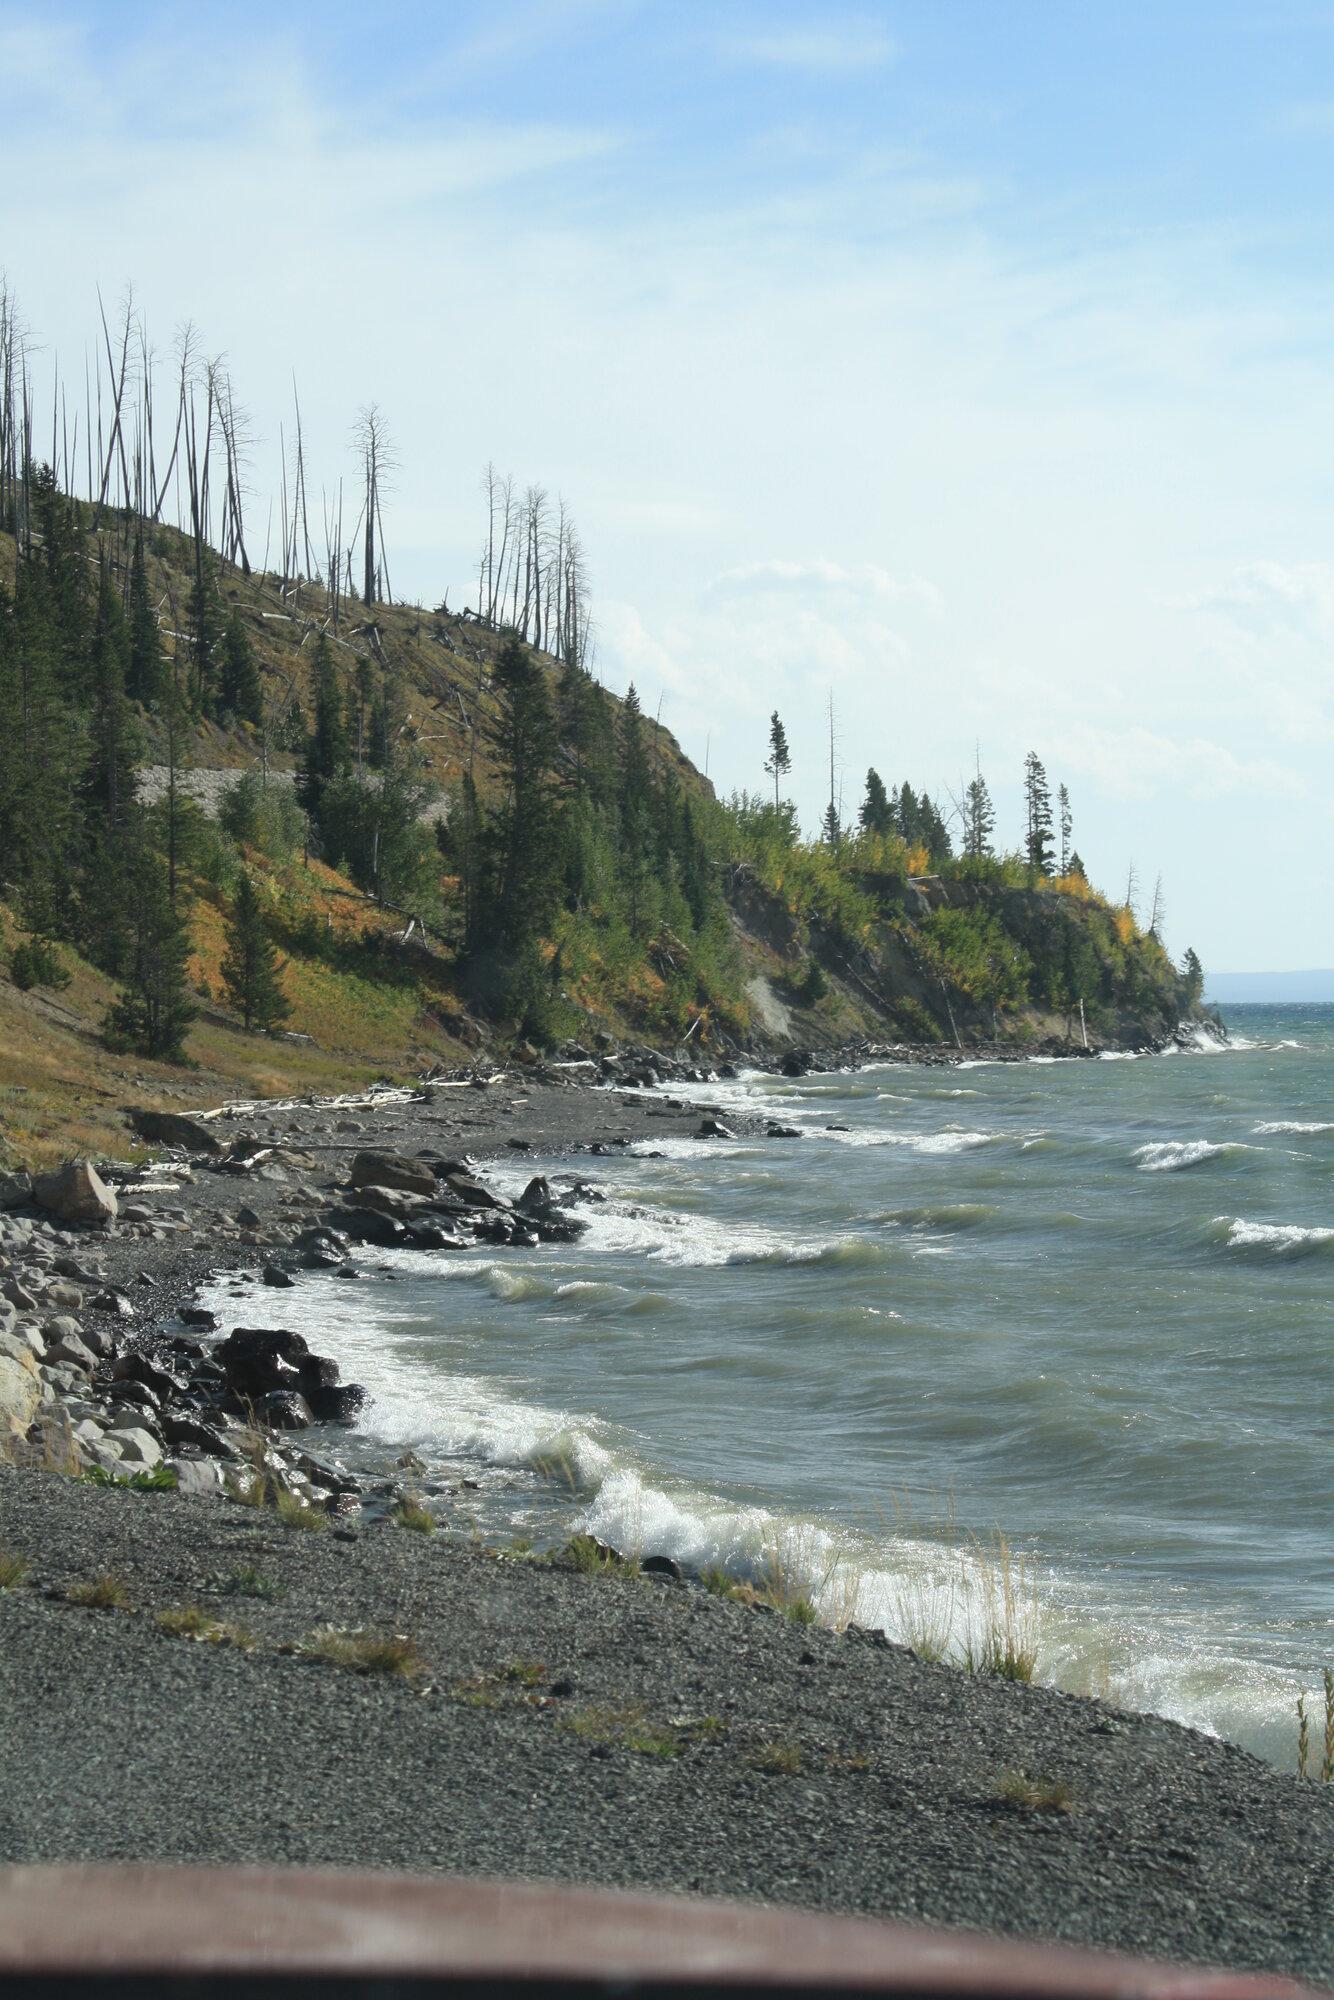 IMG_2396 YS Lake Sedge Bay.JPG